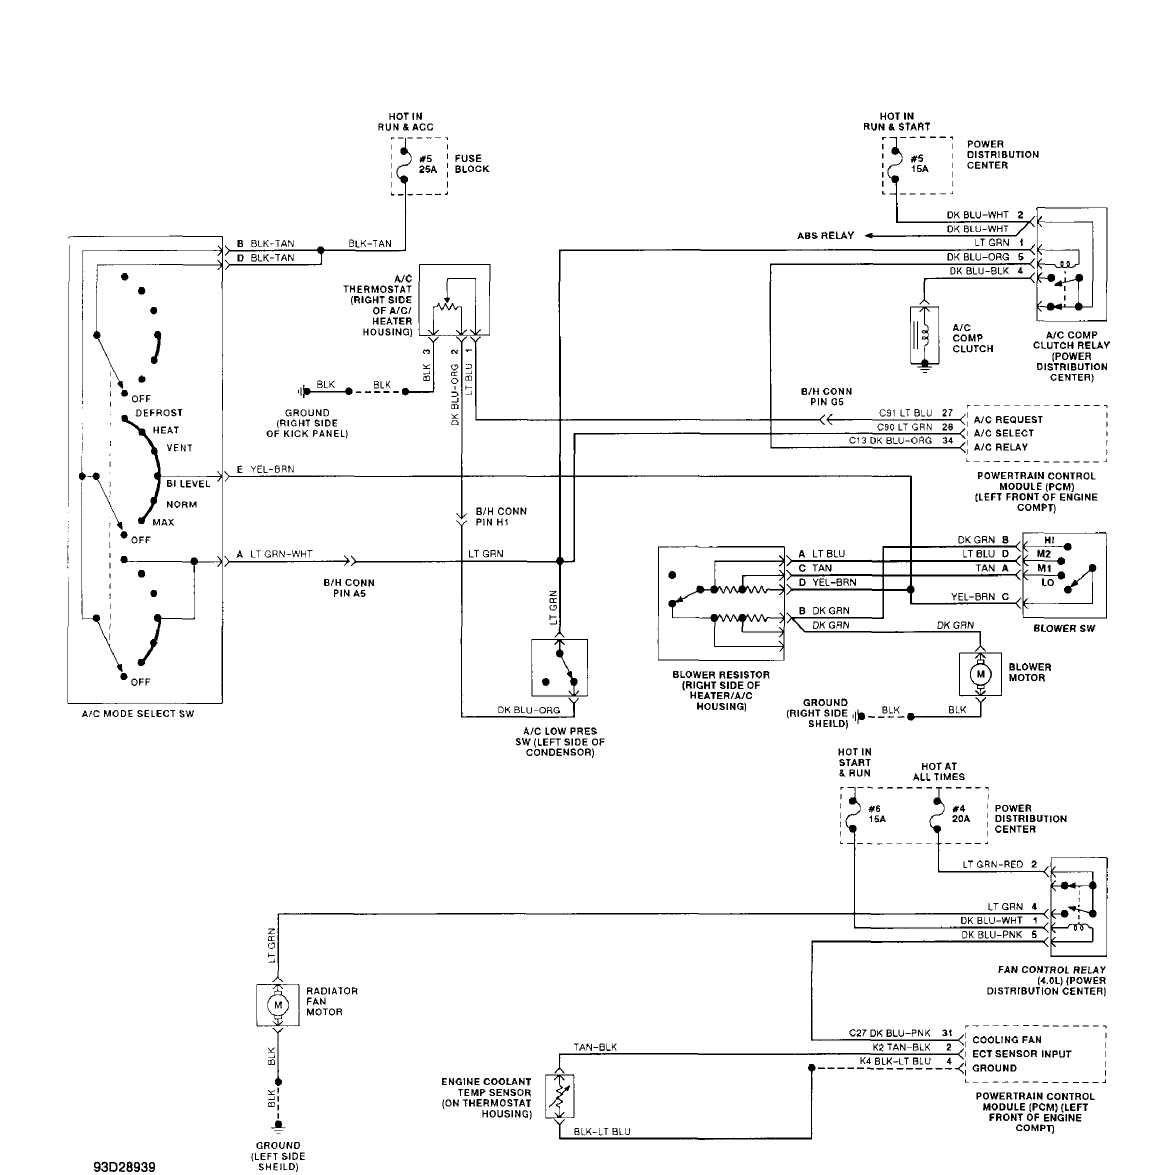 a c heater system manual 1993 jeep cherokee xj jeep rh pinterest com Off-Road Jeep XJ Jeep CJ